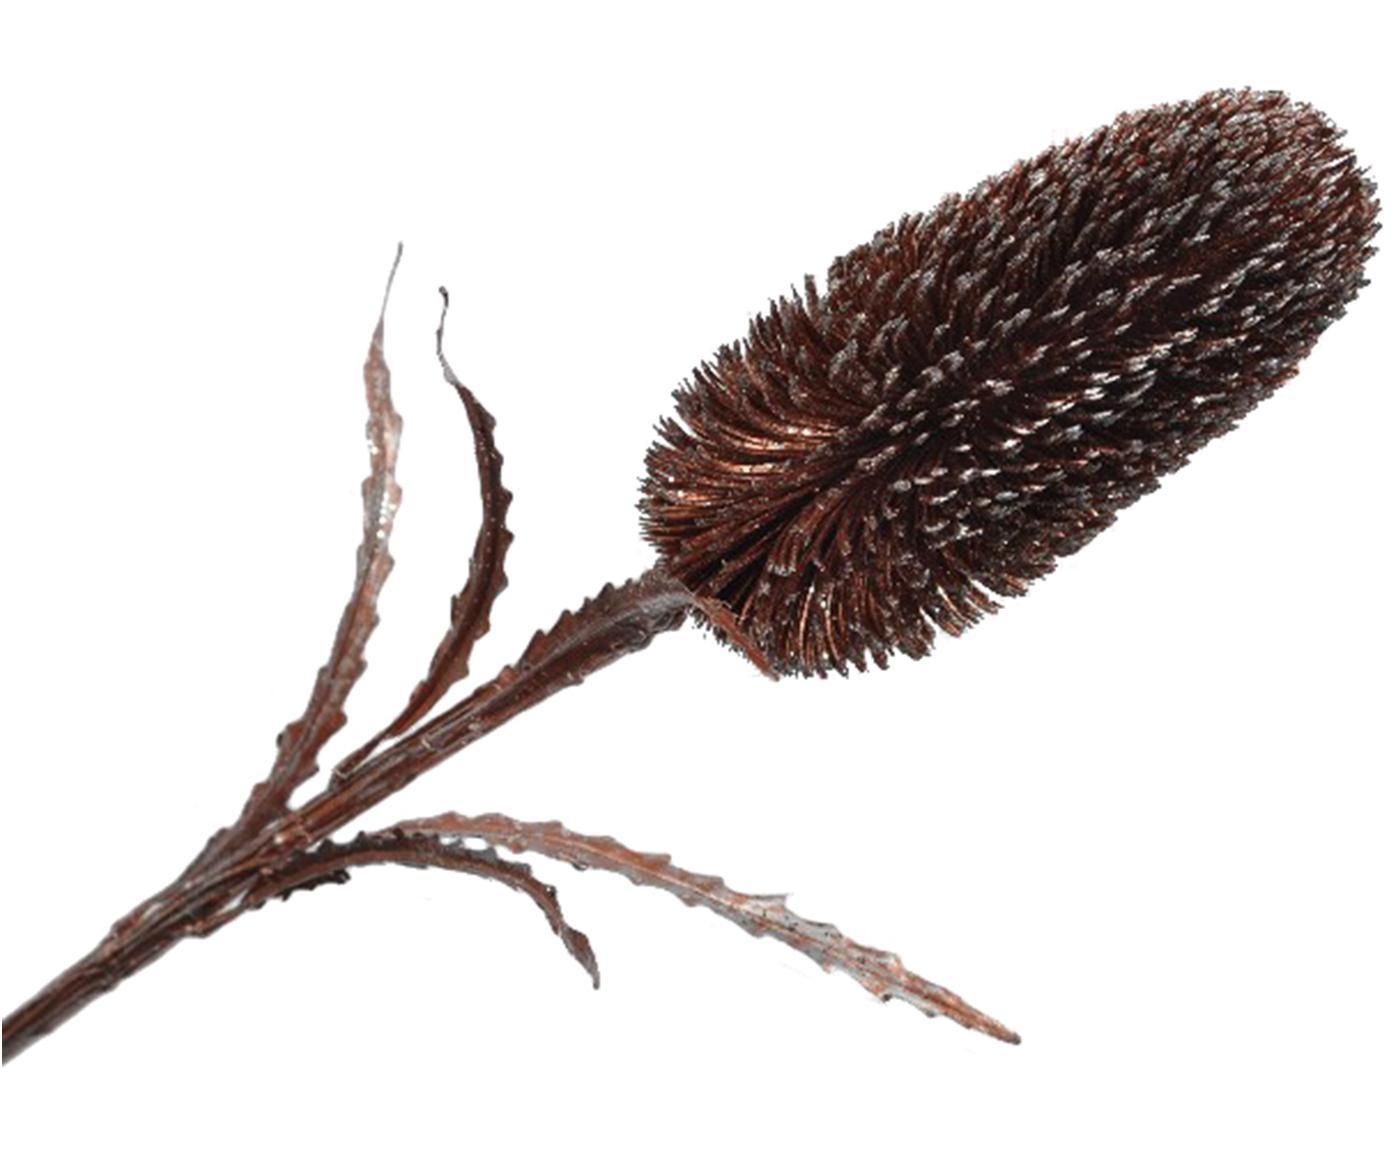 Sztuczny kwiat srebrnika Zena, Poliester, polietylen, metal, Brązowy, odcienie srebrnego, D 71 cm